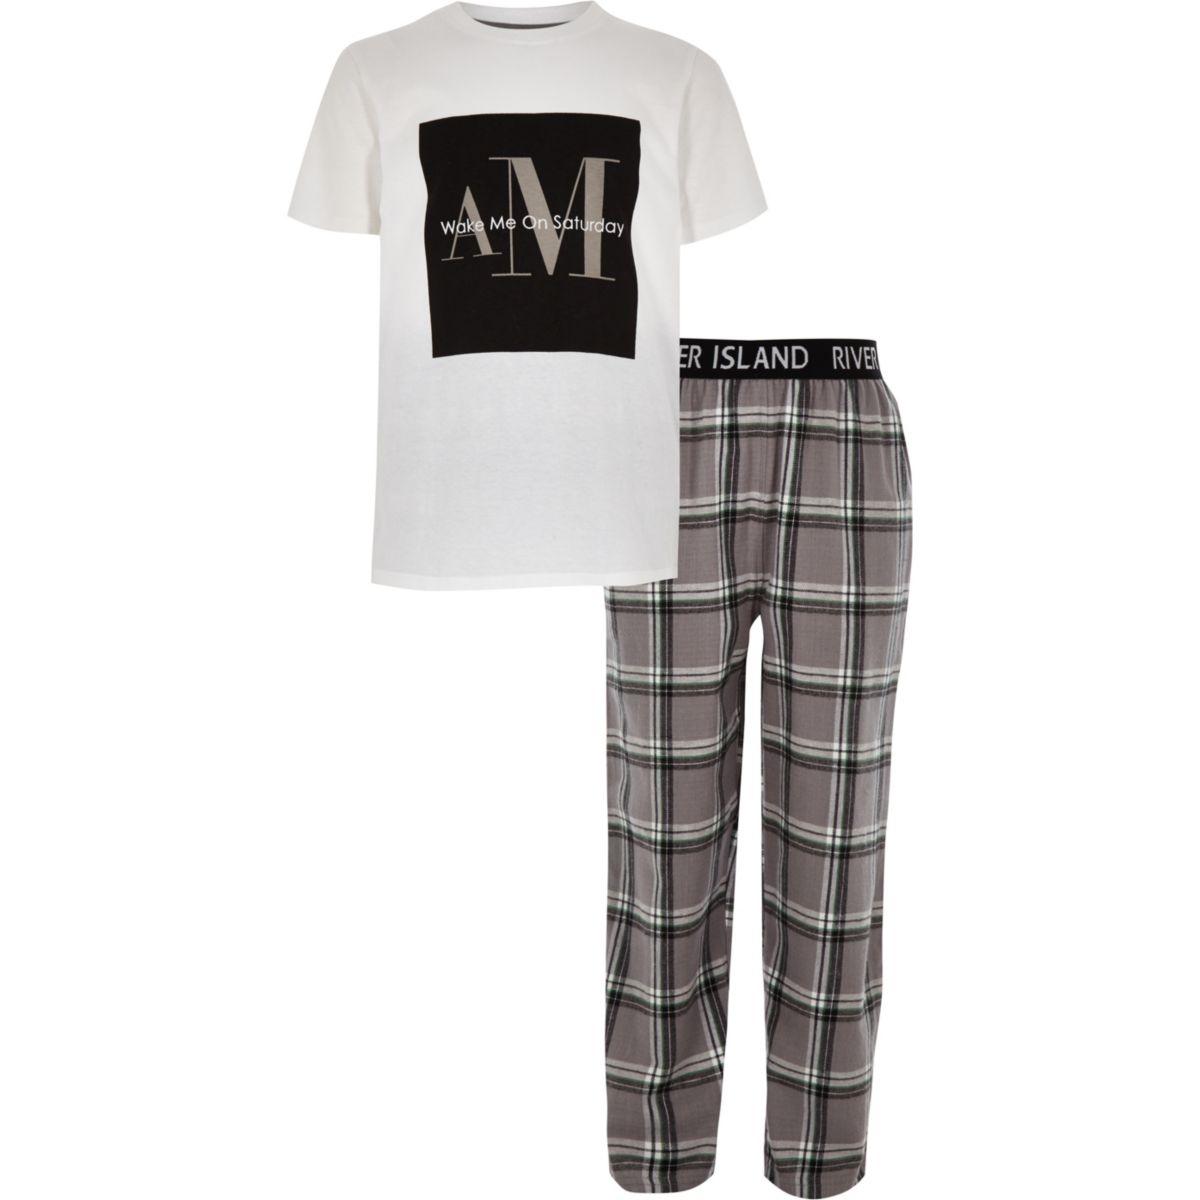 a028b0cc88d63 Ensemble pyjama à carreaux gris pour garçon - Pyjamas   Vêtements ...